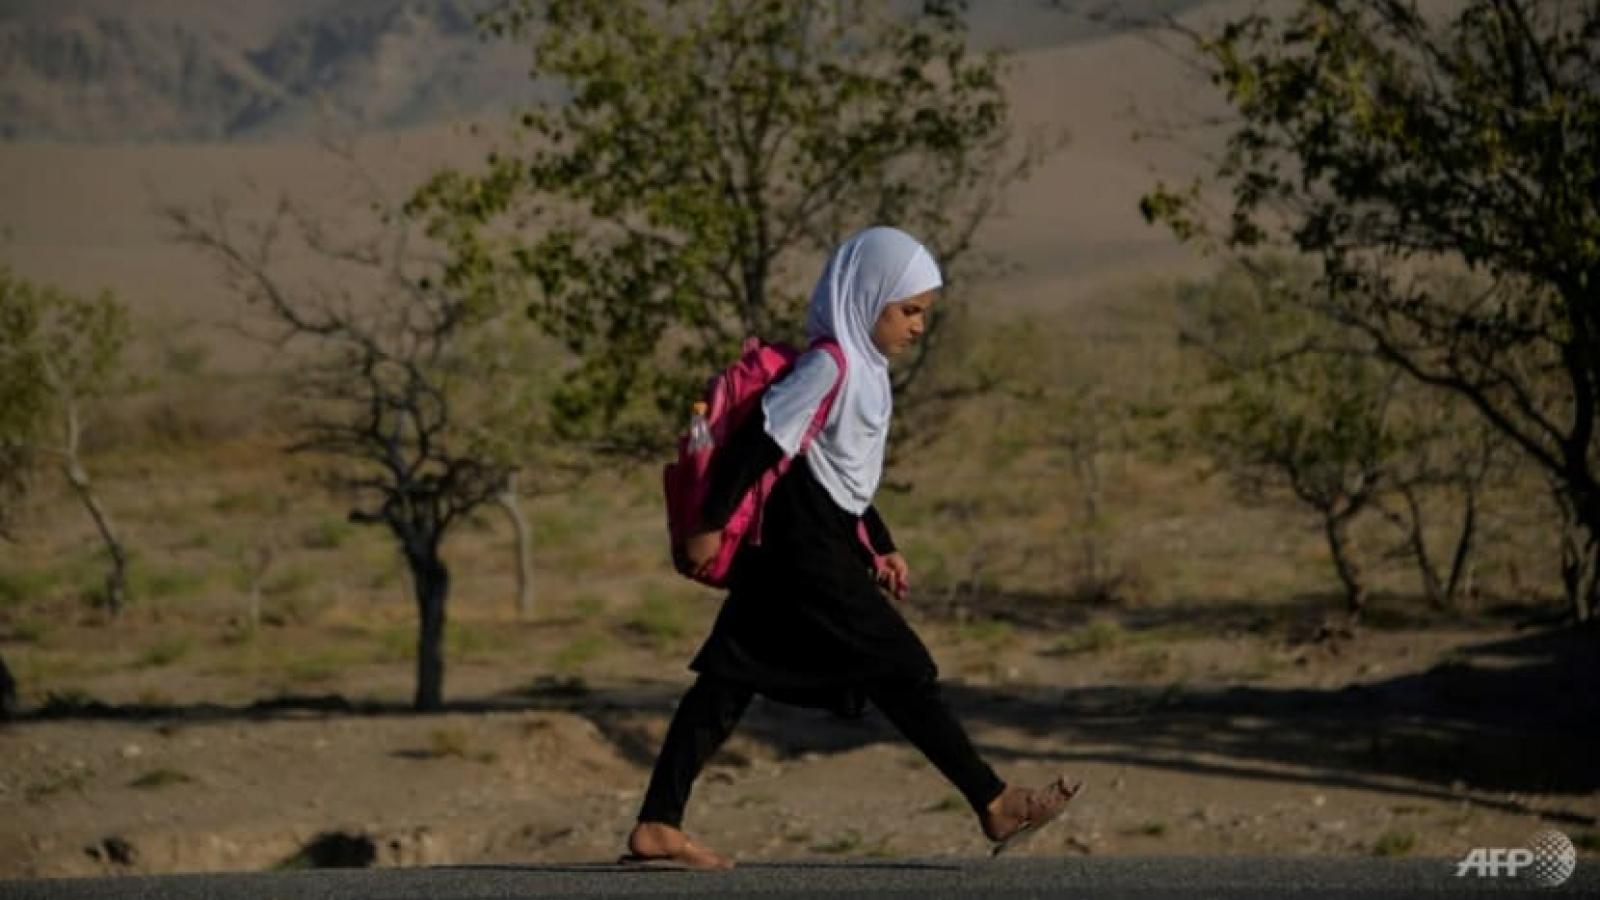 """""""Vì sao em không được đi học?"""": Giấc mơ nữ sinh Afghanistan bị chôn vùi dưới thời Taliban"""